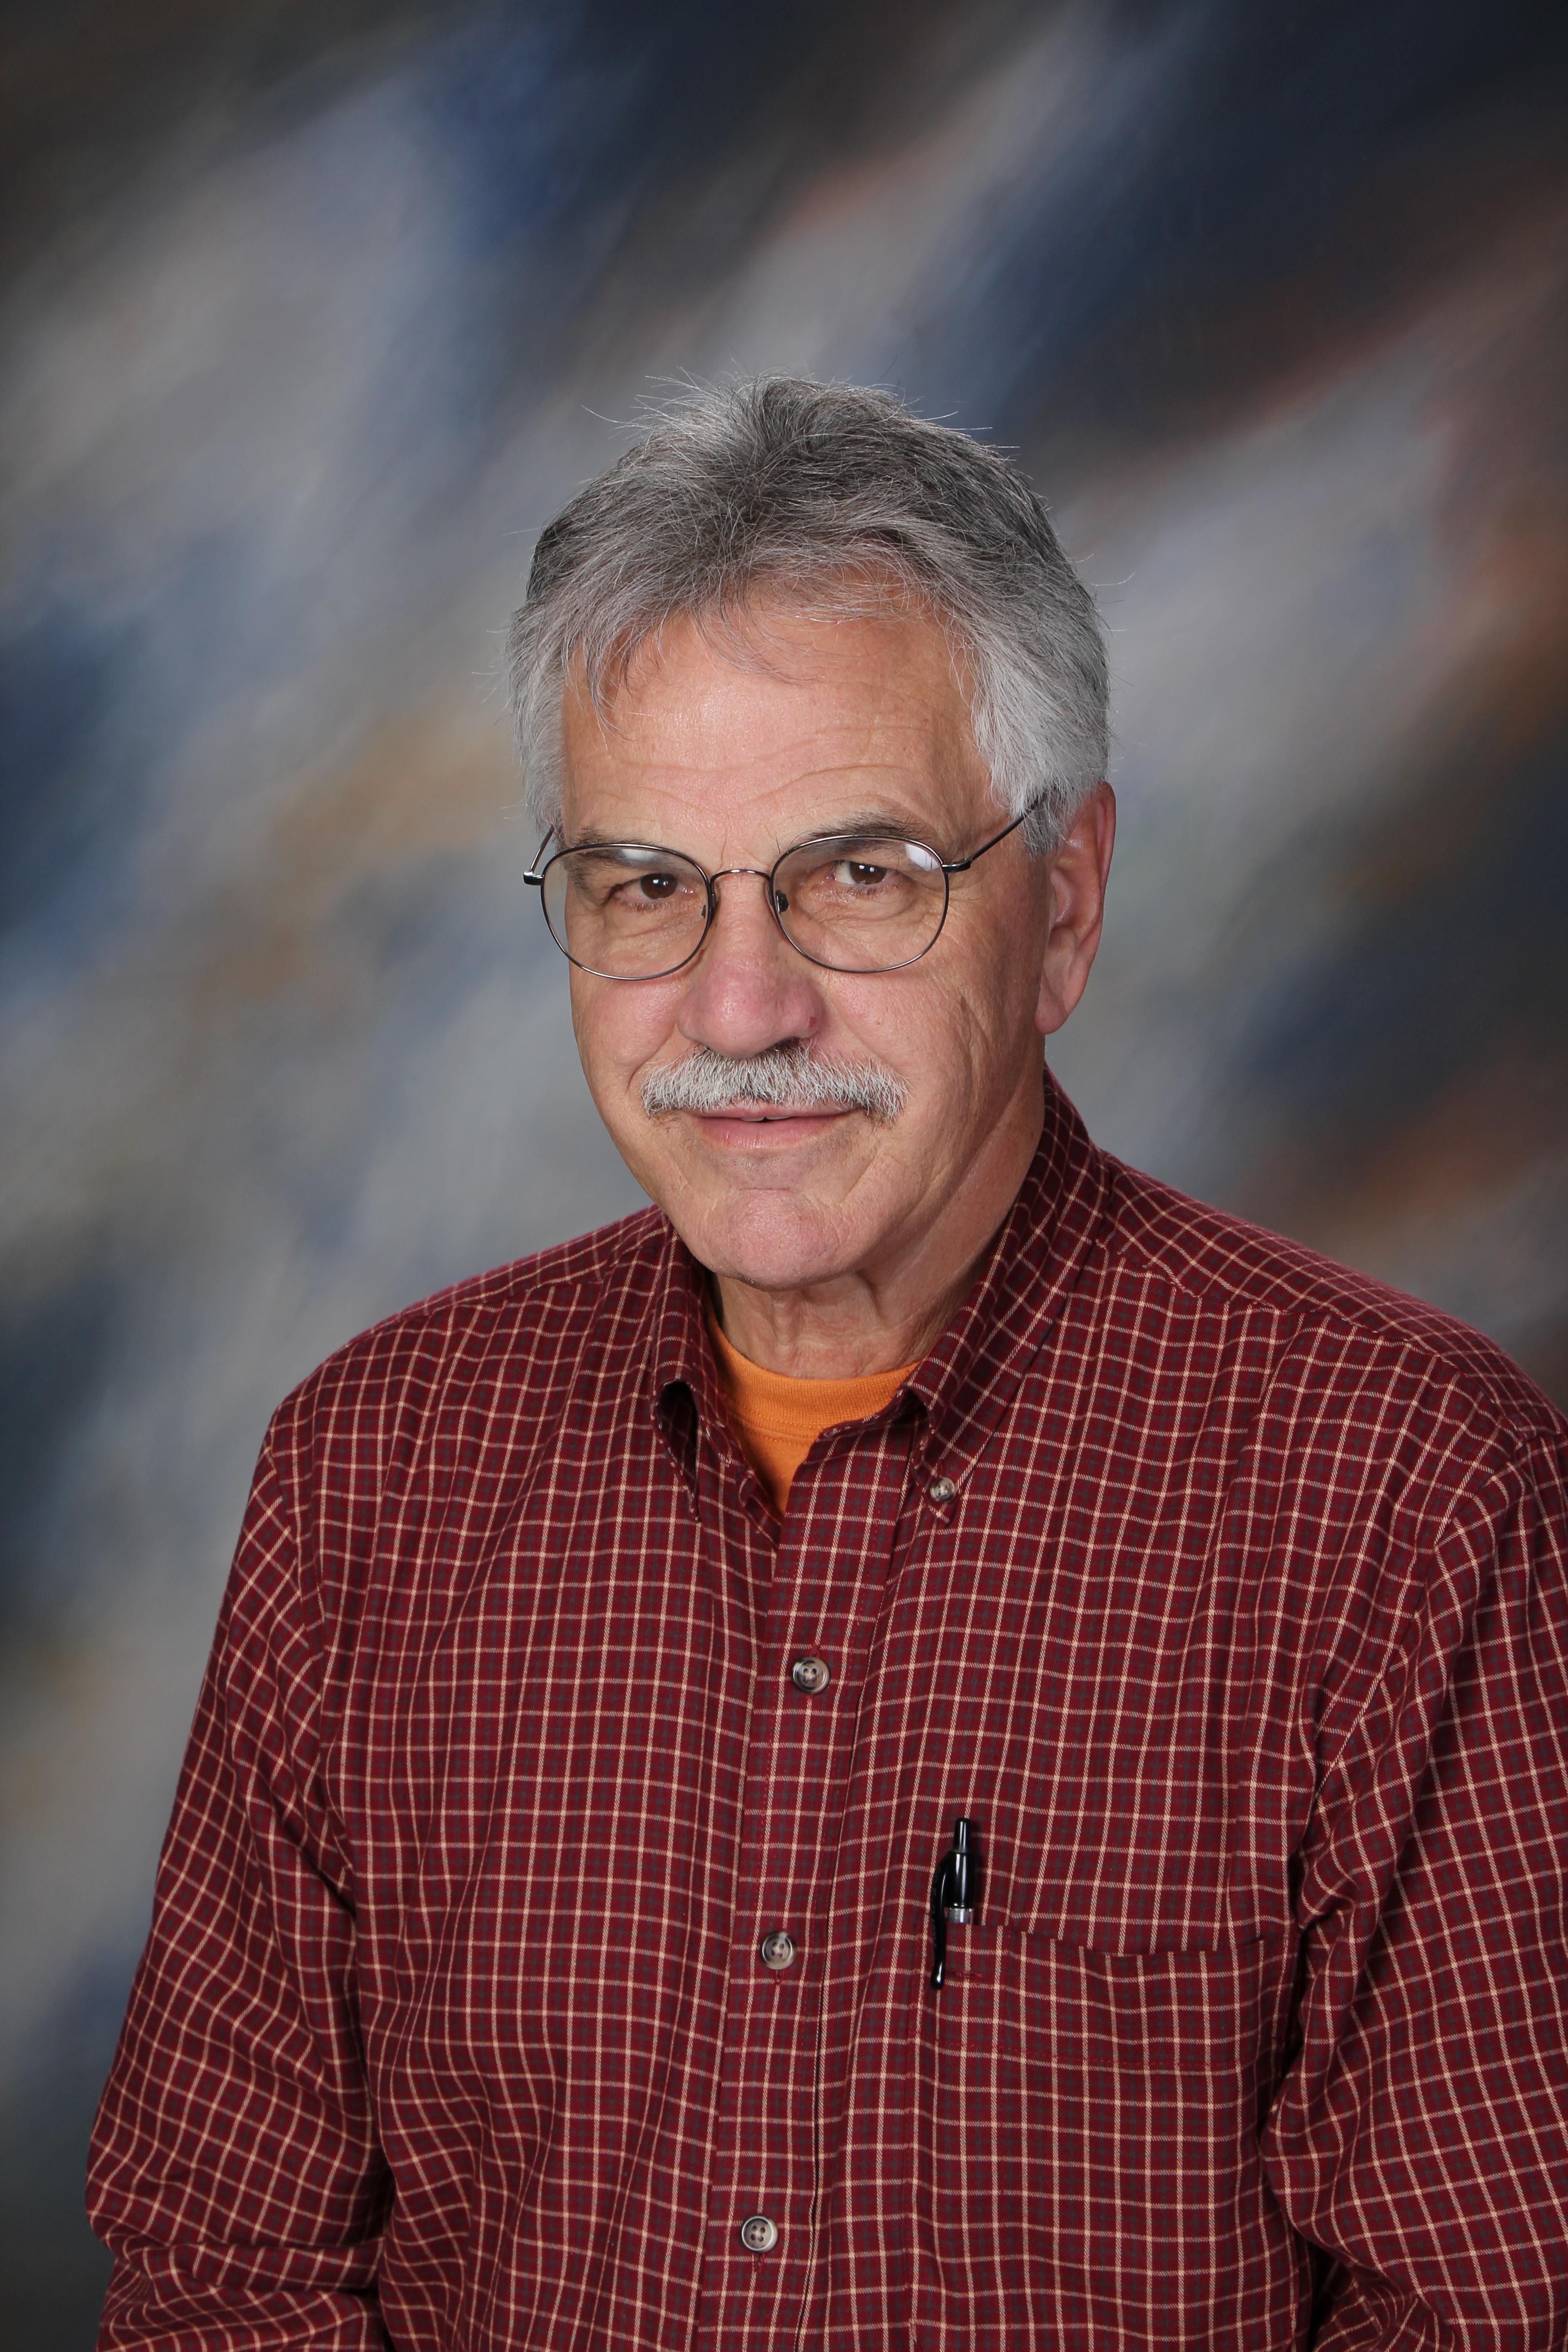 Jim Gertz